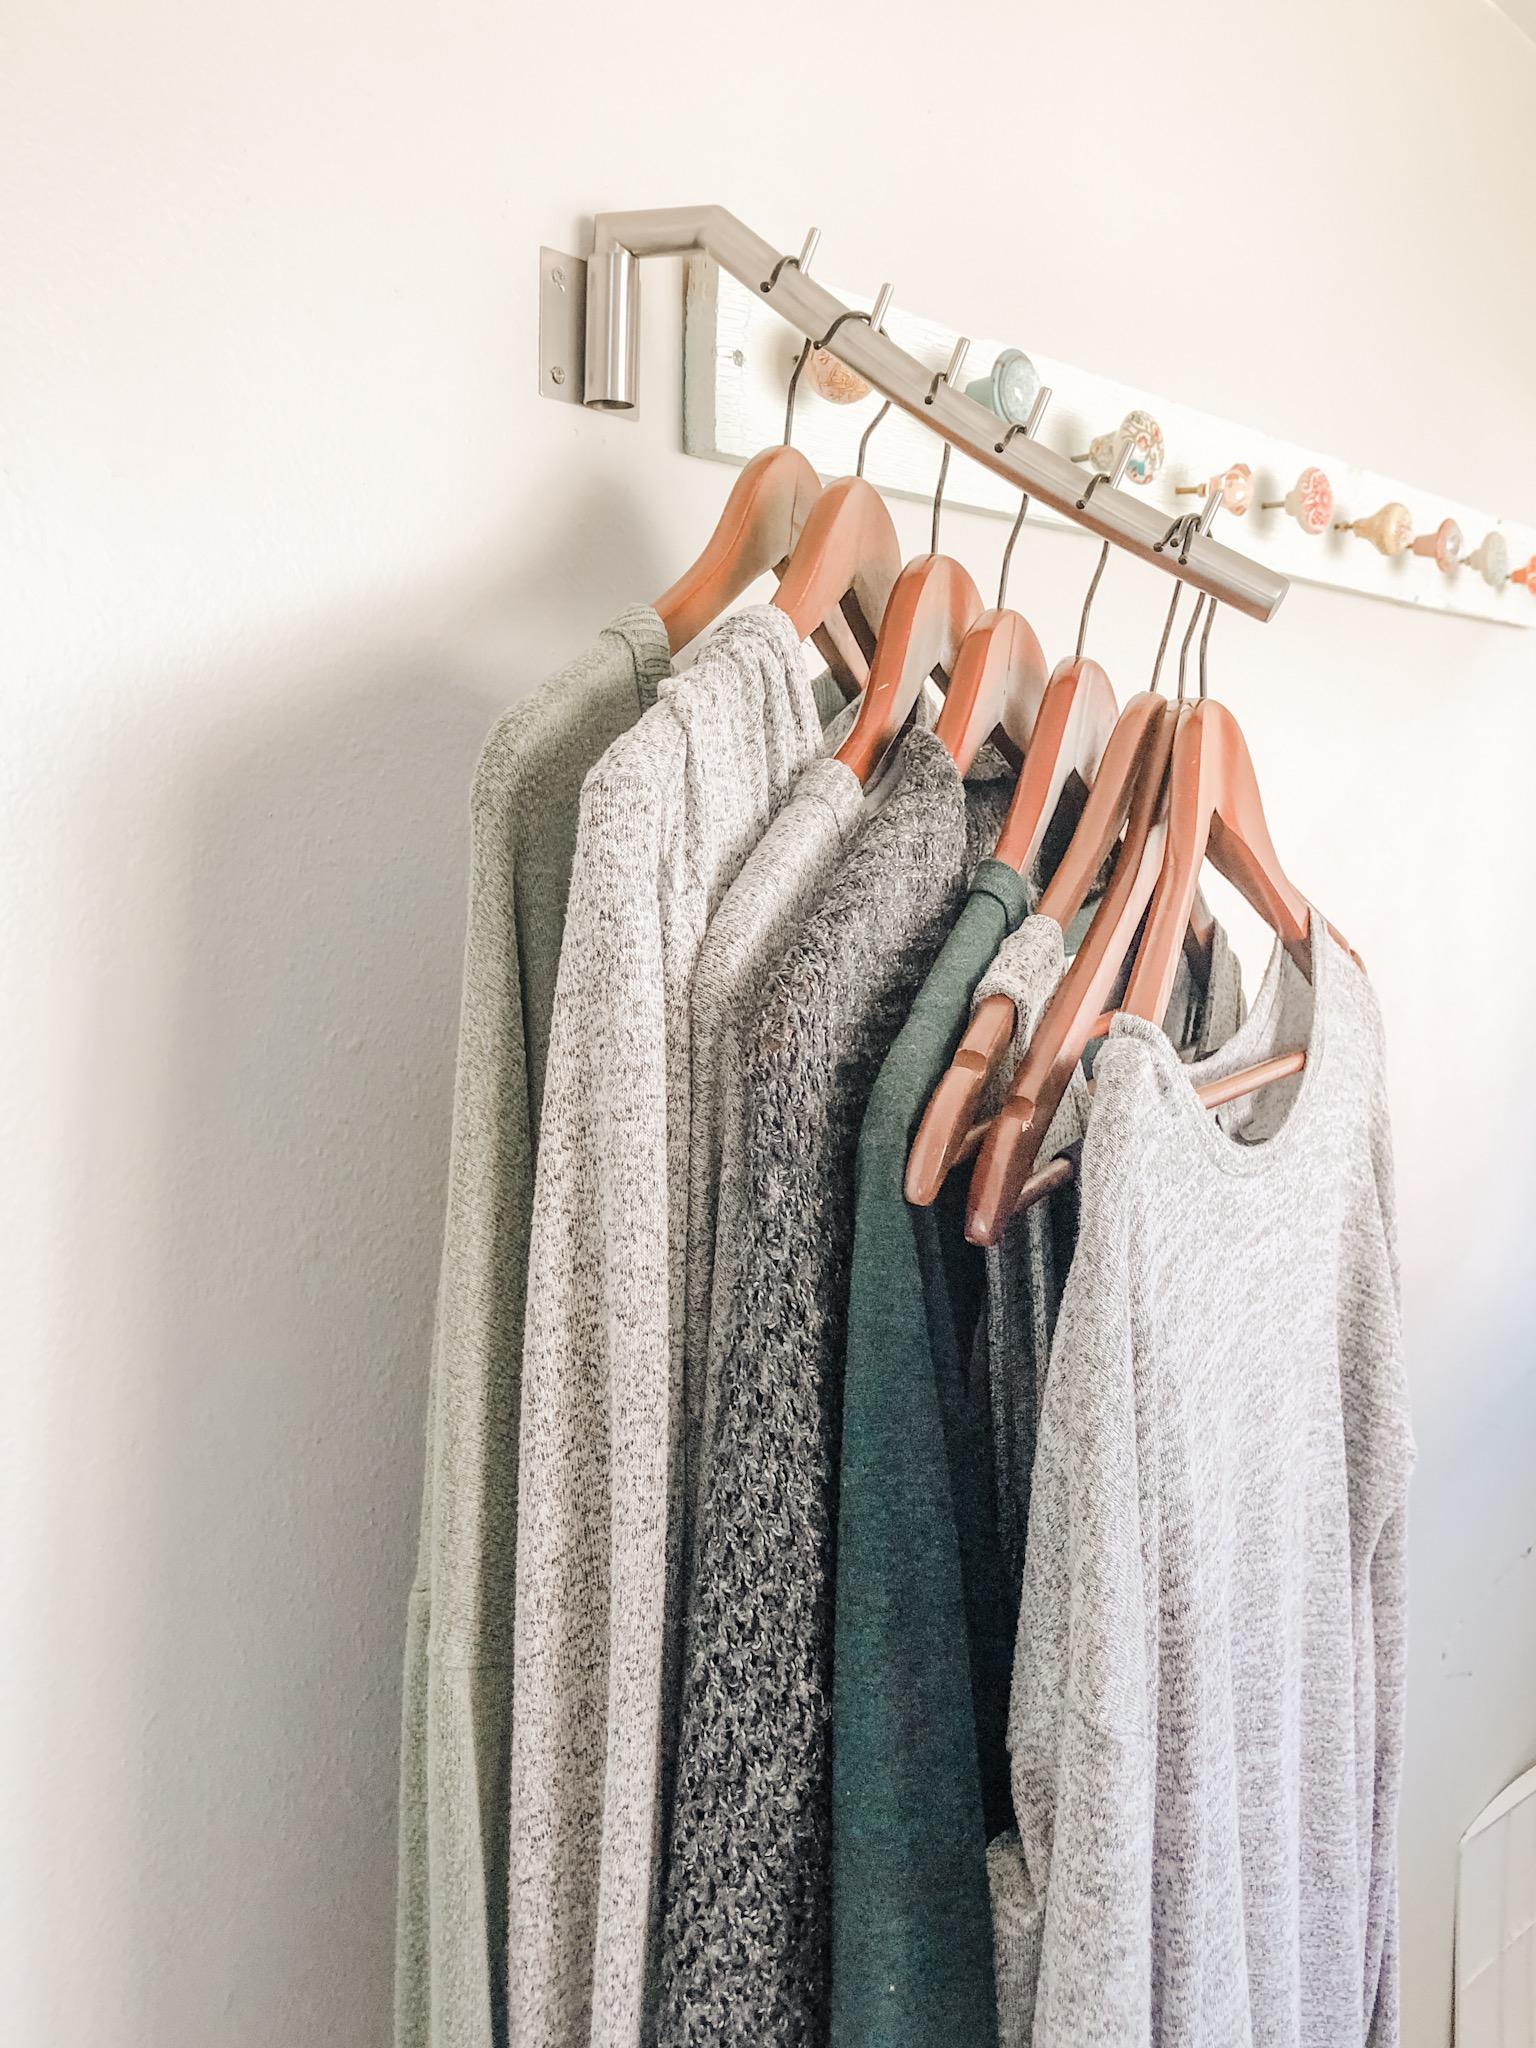 (Tiny) Laundry Room